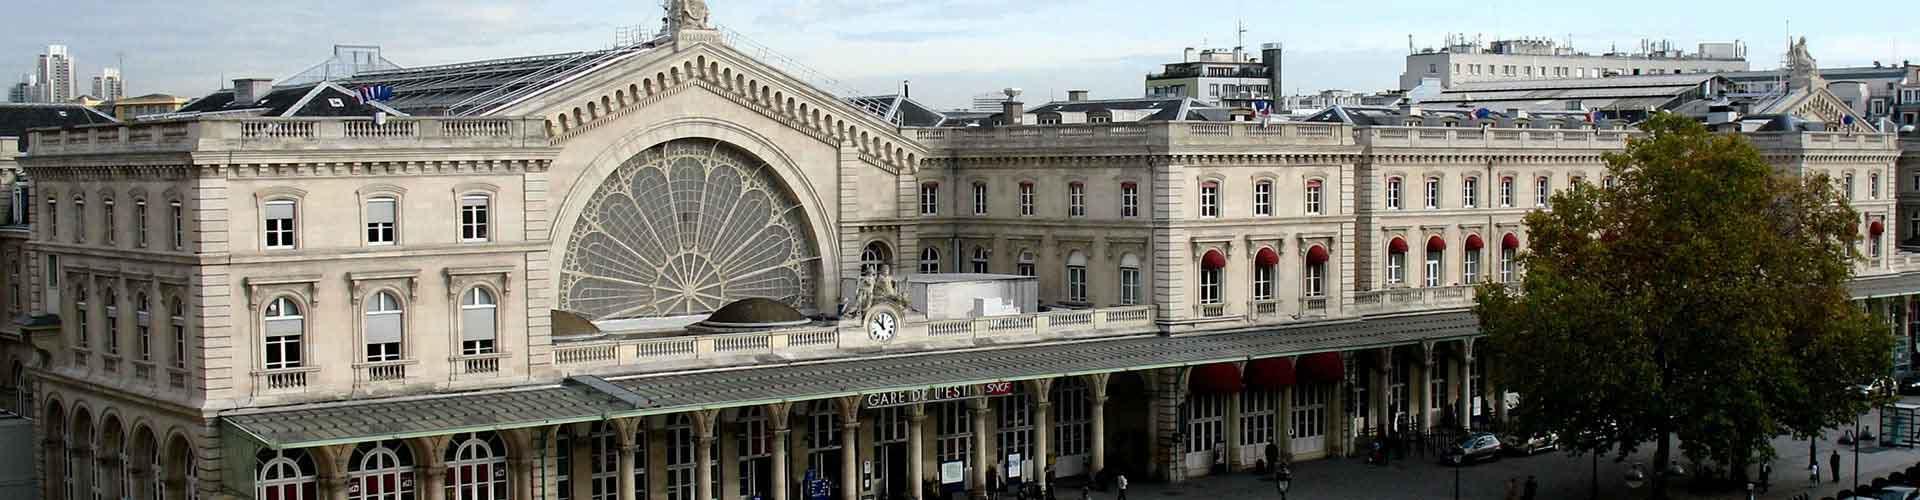 巴黎 – Gare de l'Est railway station附近的露营地。巴黎地图,巴黎每个露营地的照片和评价。